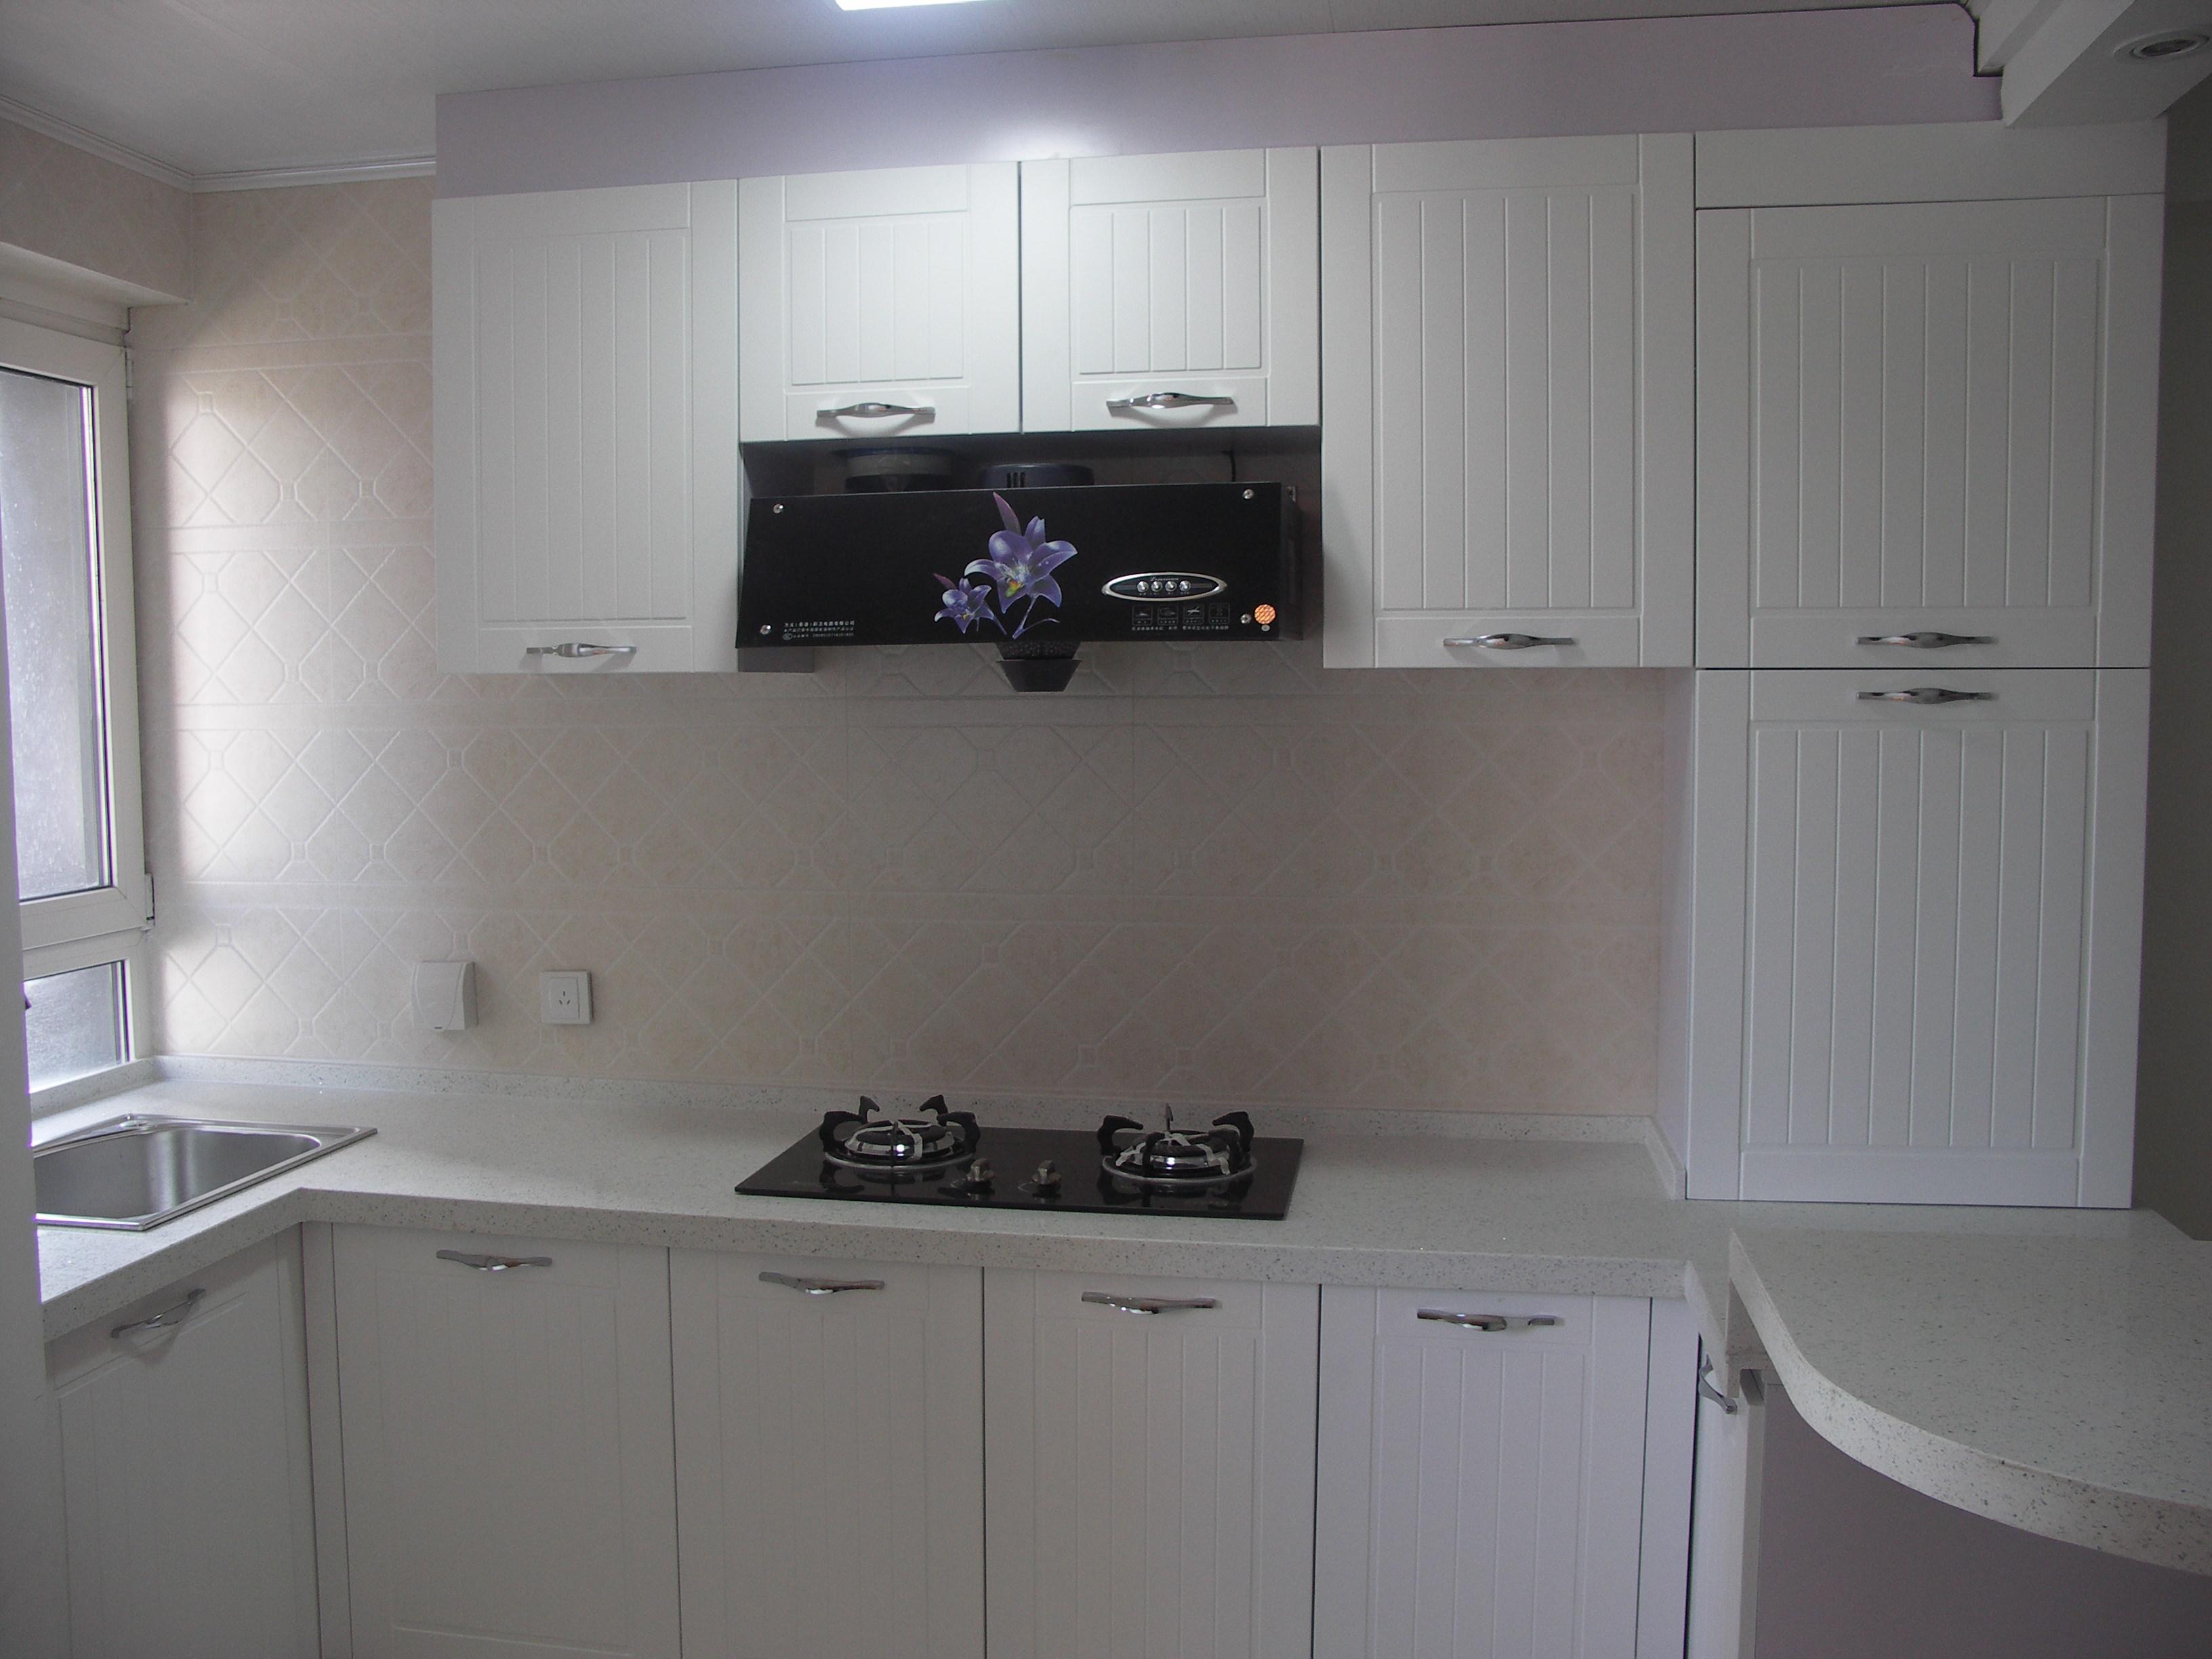 简约 欧式 田园 混搭 二居 三居 别墅 白领 旧房改造 厨房图片来自雅户橱柜衣柜滑动门在生活从厨房开始的分享